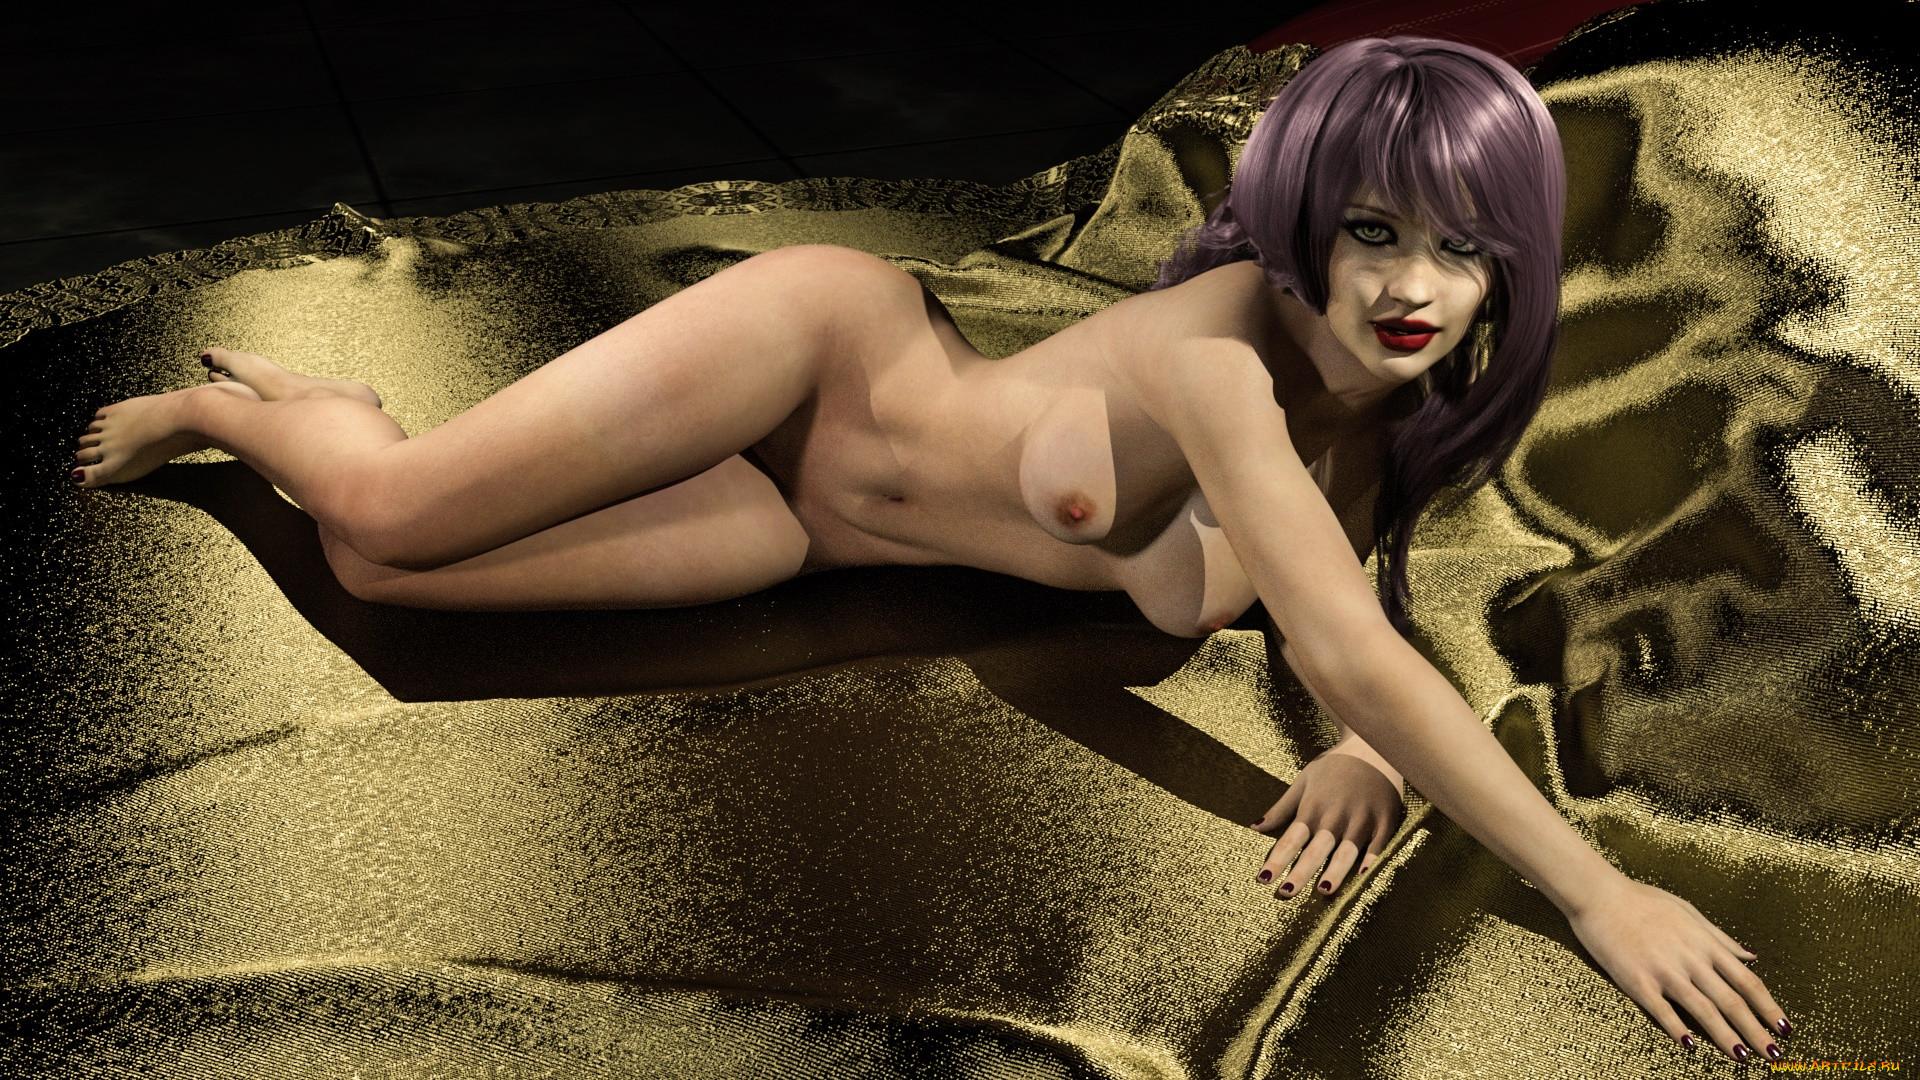 erotika-kayden-kross